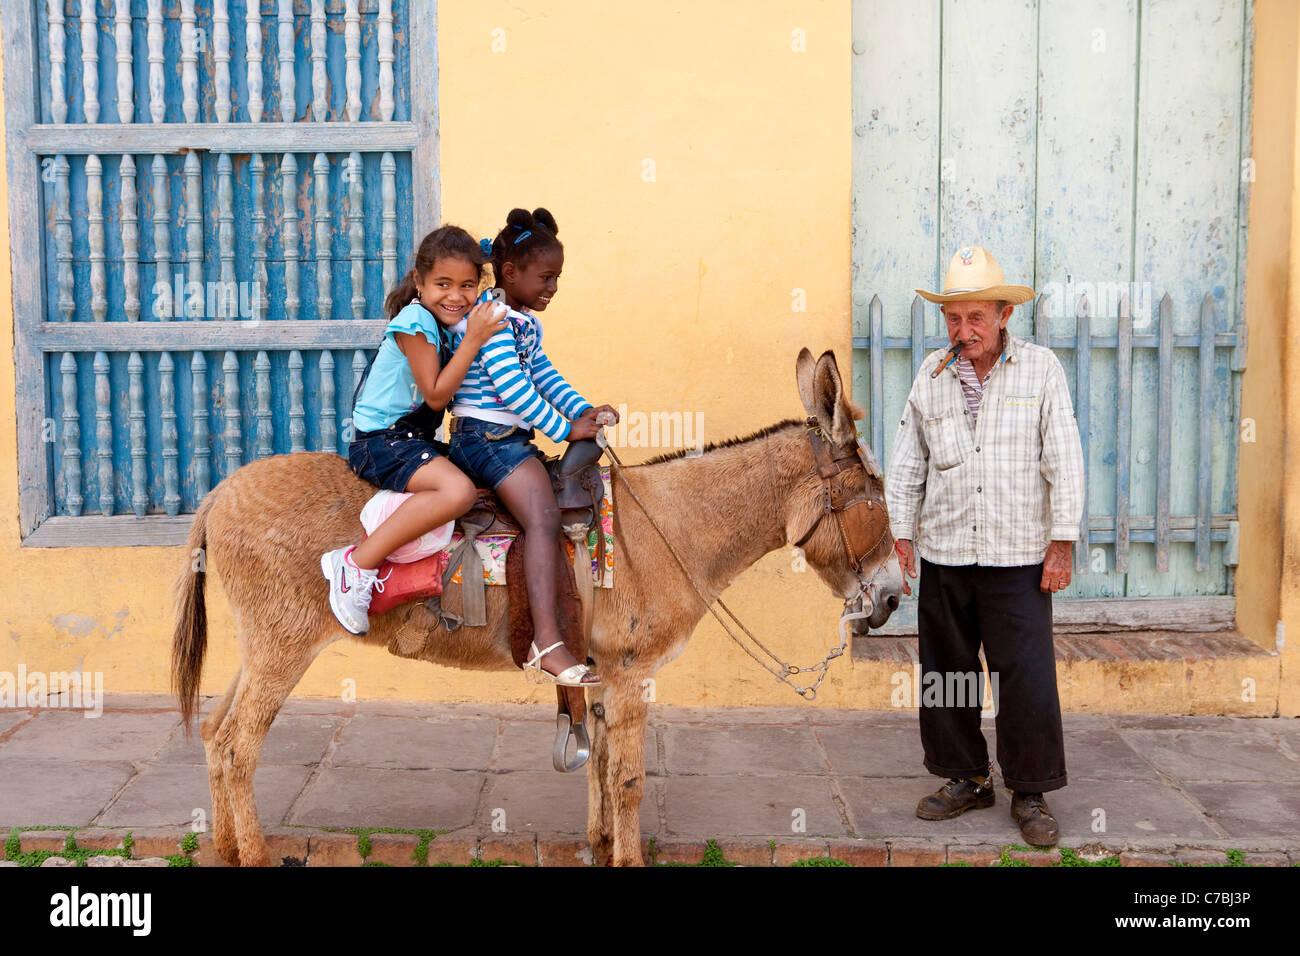 Possibilité de photos, des enfants heureux assis sur un âne, Trinidad, Sancti Spiritus, Cuba, Caraïbes Photo Stock